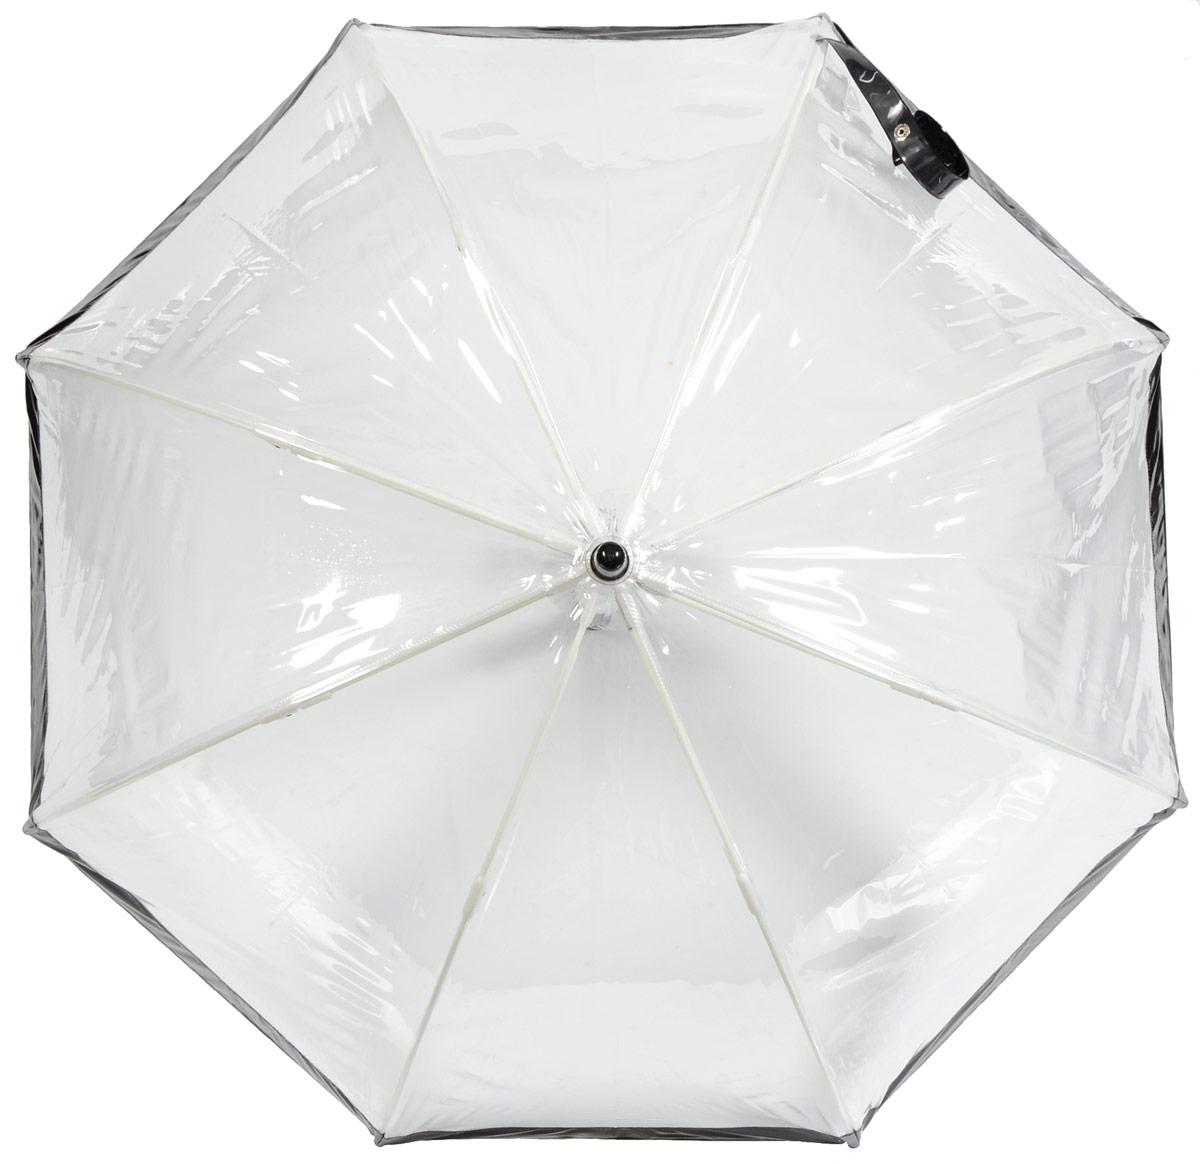 Зонт детский Fulton, расцветка: черный. C603-01 BlackREM12-CAM-GREENBLACKСимпатичный прозрачный зонтик в форме купола с цветной полоской обязательно понравится Вашему ребенку!Специальная безопасная и надежная технология открывания и закрывания.Модная форма купола.Зонт отлично защищает от дождя, и при этом он абсолютно прозрачен.Прочный ветроустойчивый каркас из фибергласса.Длина в сложенном виде 68,5 см, диаметр купола 65 см